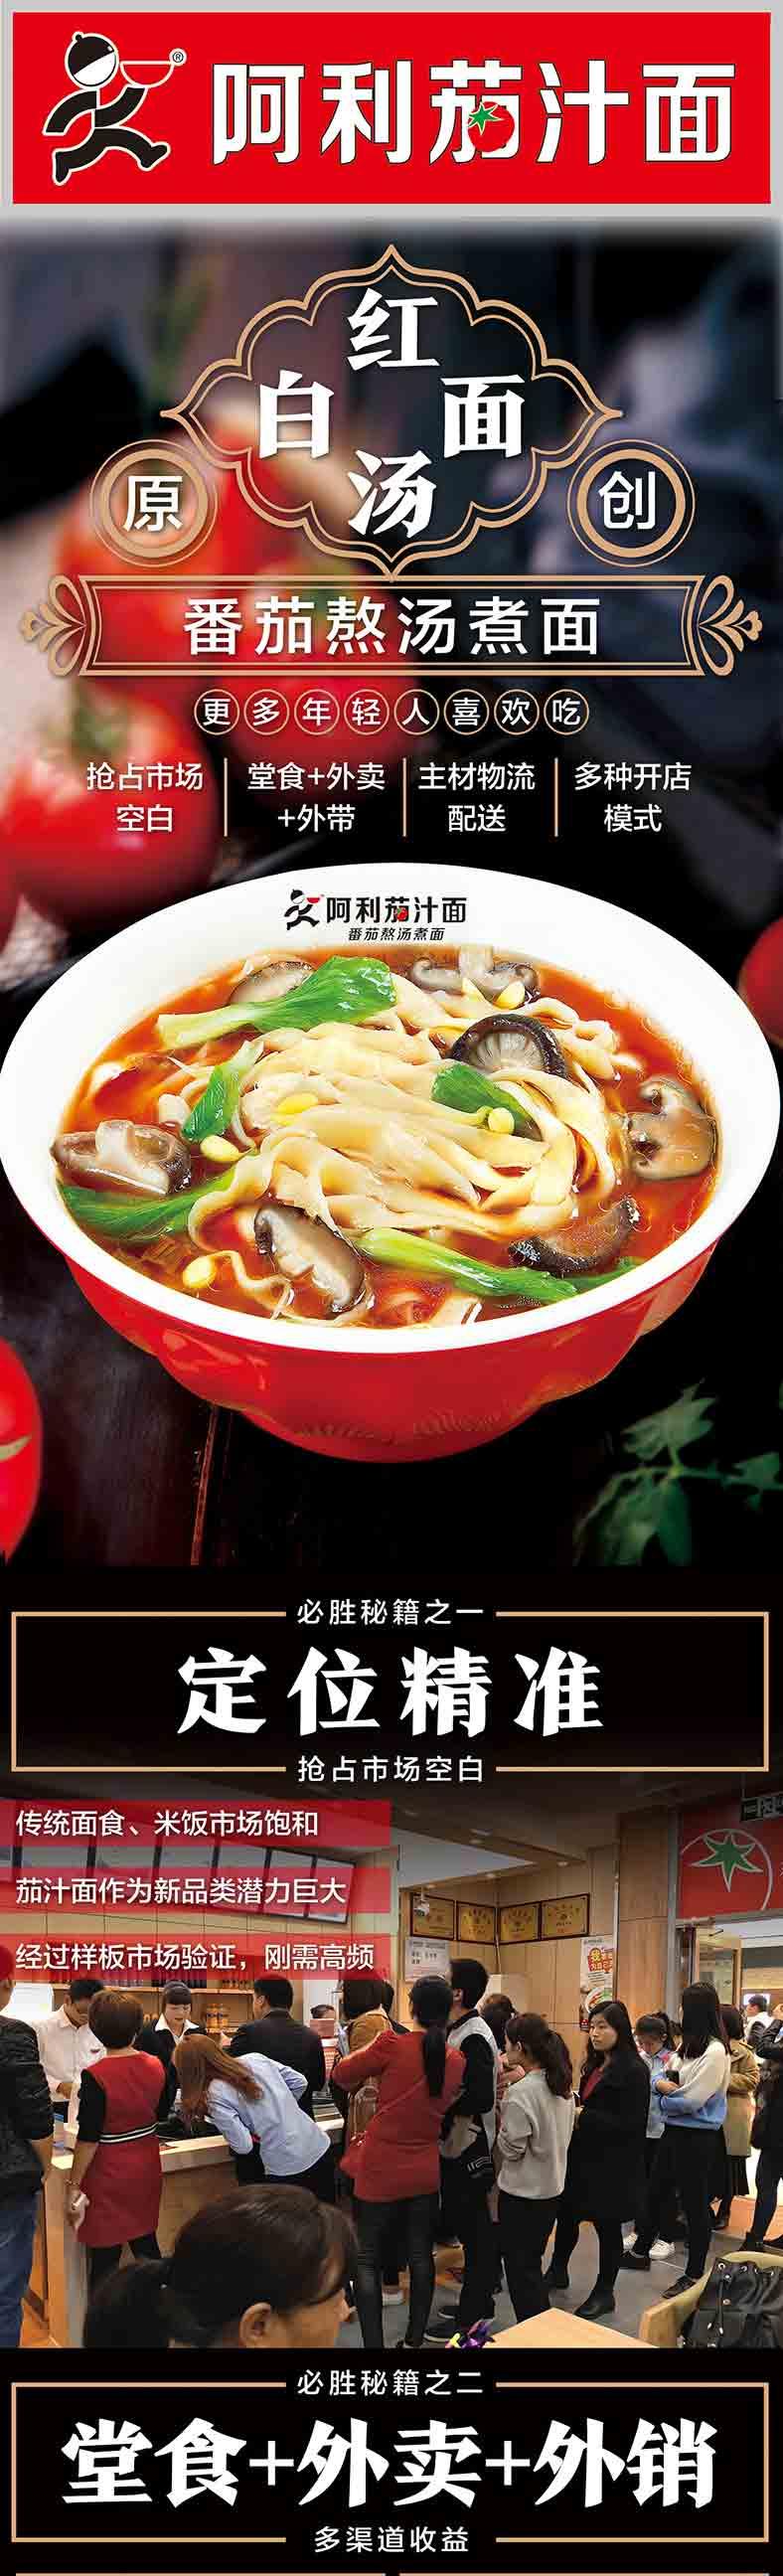 http://www.lzhmzz.com/dushujiaoyu/148481.html